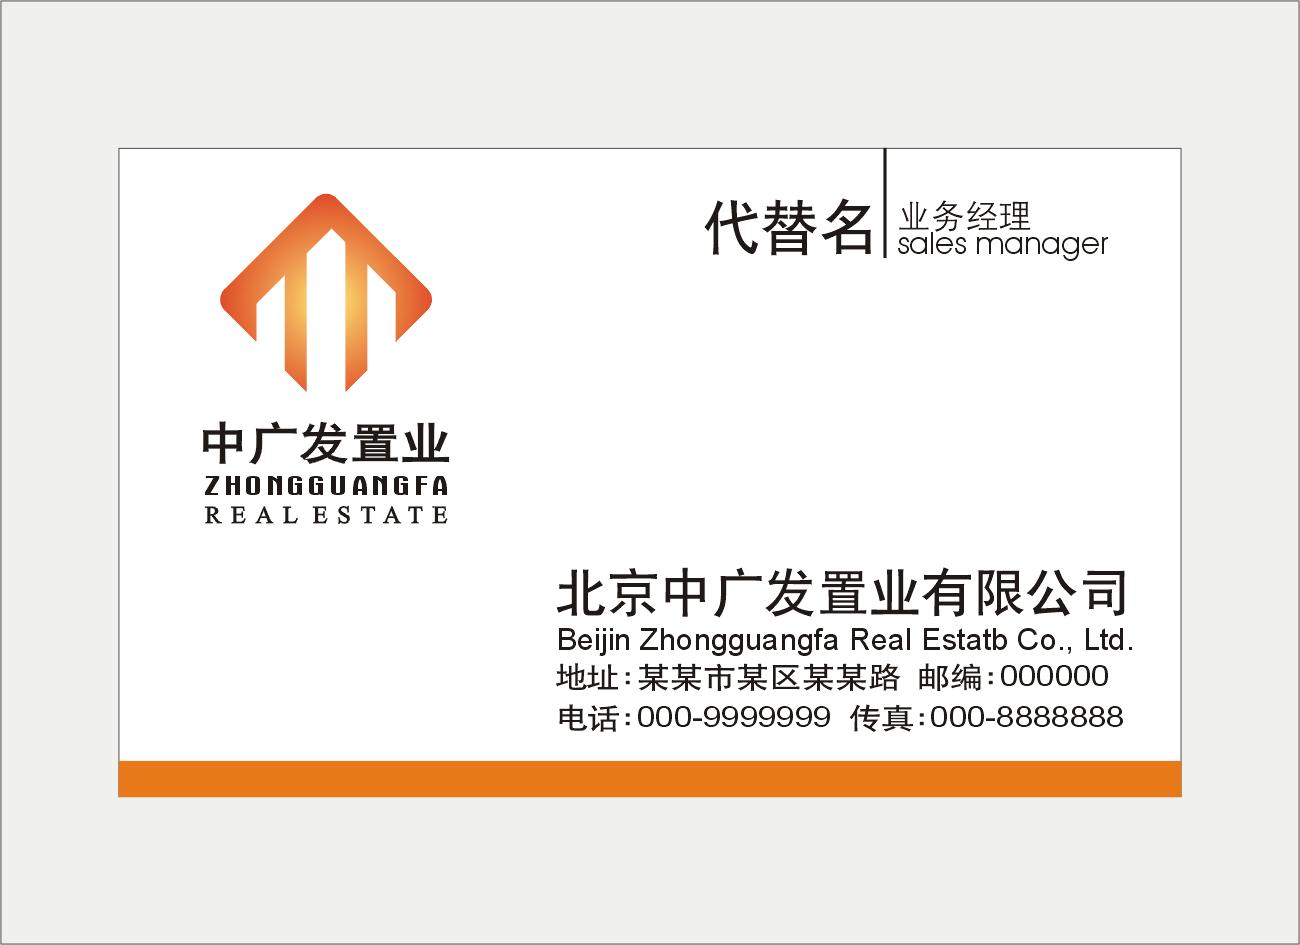 中广发置业公司logo/名片设计(延期)_1191812_k68威客网